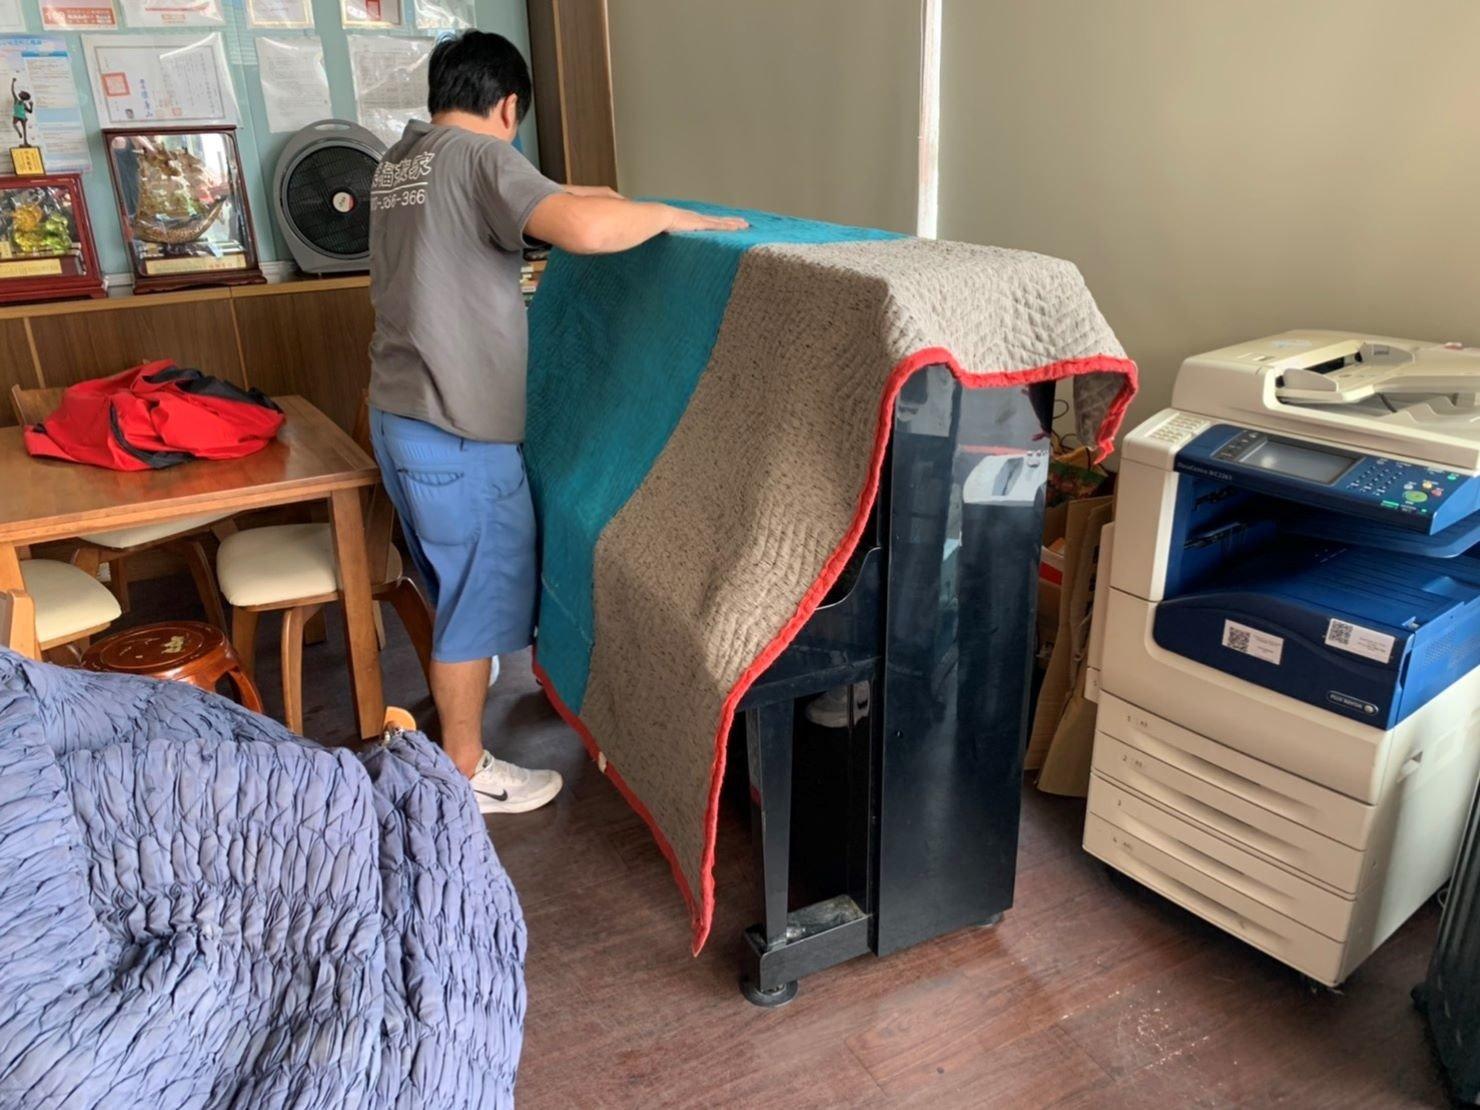 台北搬家公司推薦【榮福搬家公司】搬鋼琴值得您來選擇:Yamaha山葉鋼琴回頭車鋼琴包裝與搬運也是以最高品質來做服務。